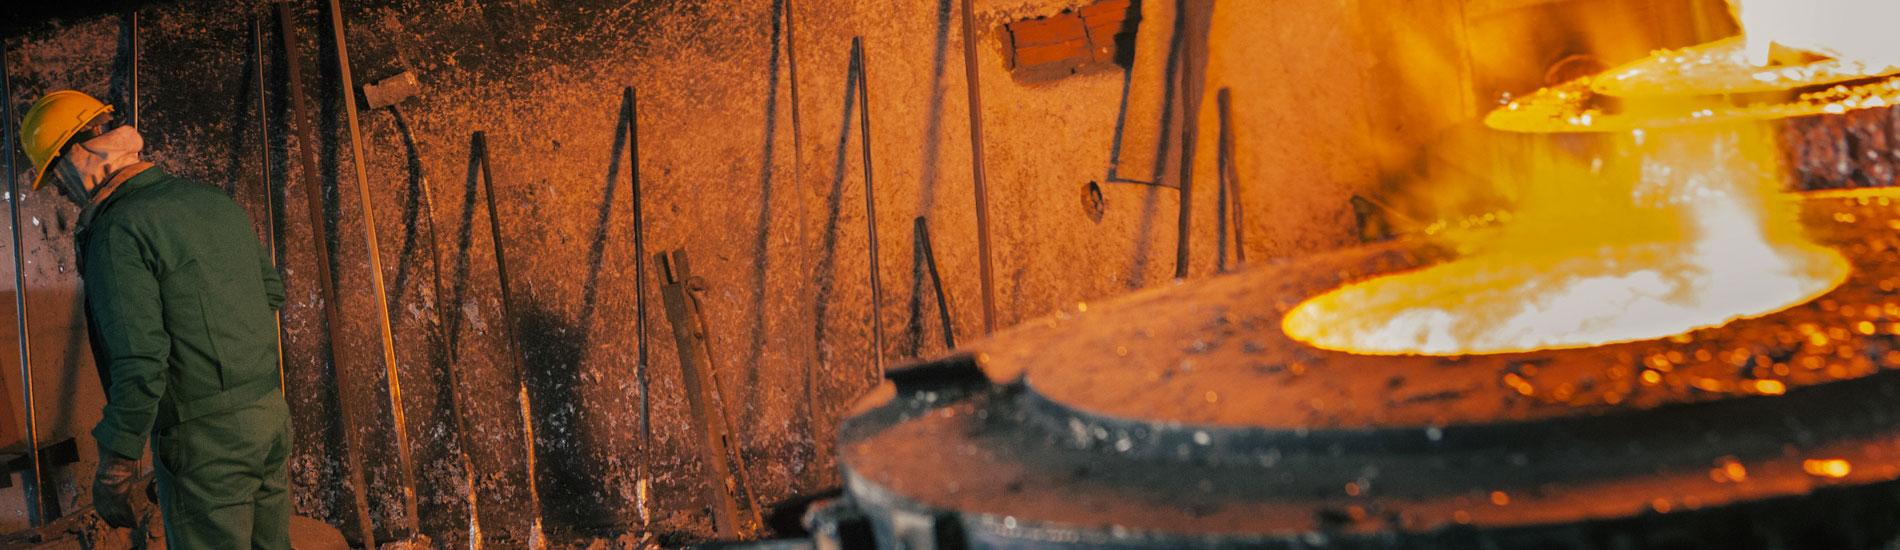 Dettaglio zona forni - Fometal - Fonderia alluminio, leghe madri e affini